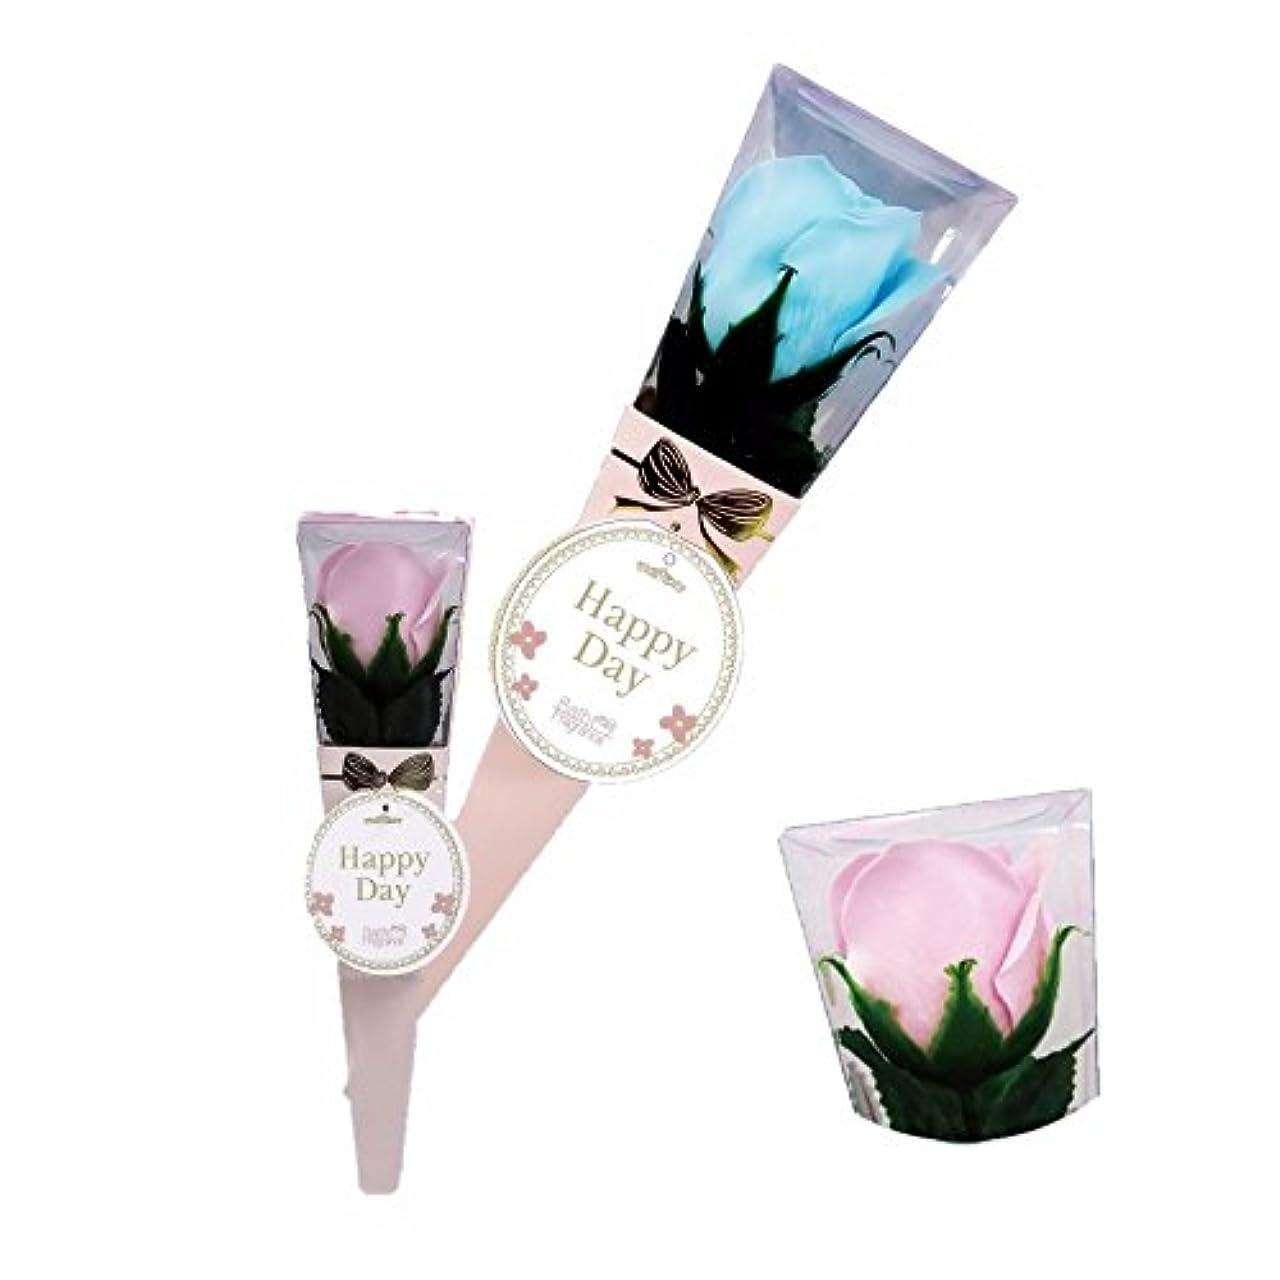 不適切な弱まる着実にバスフレグランス ミニローズブーケ ピンク バスフラワー ギフト お花の形の入浴剤